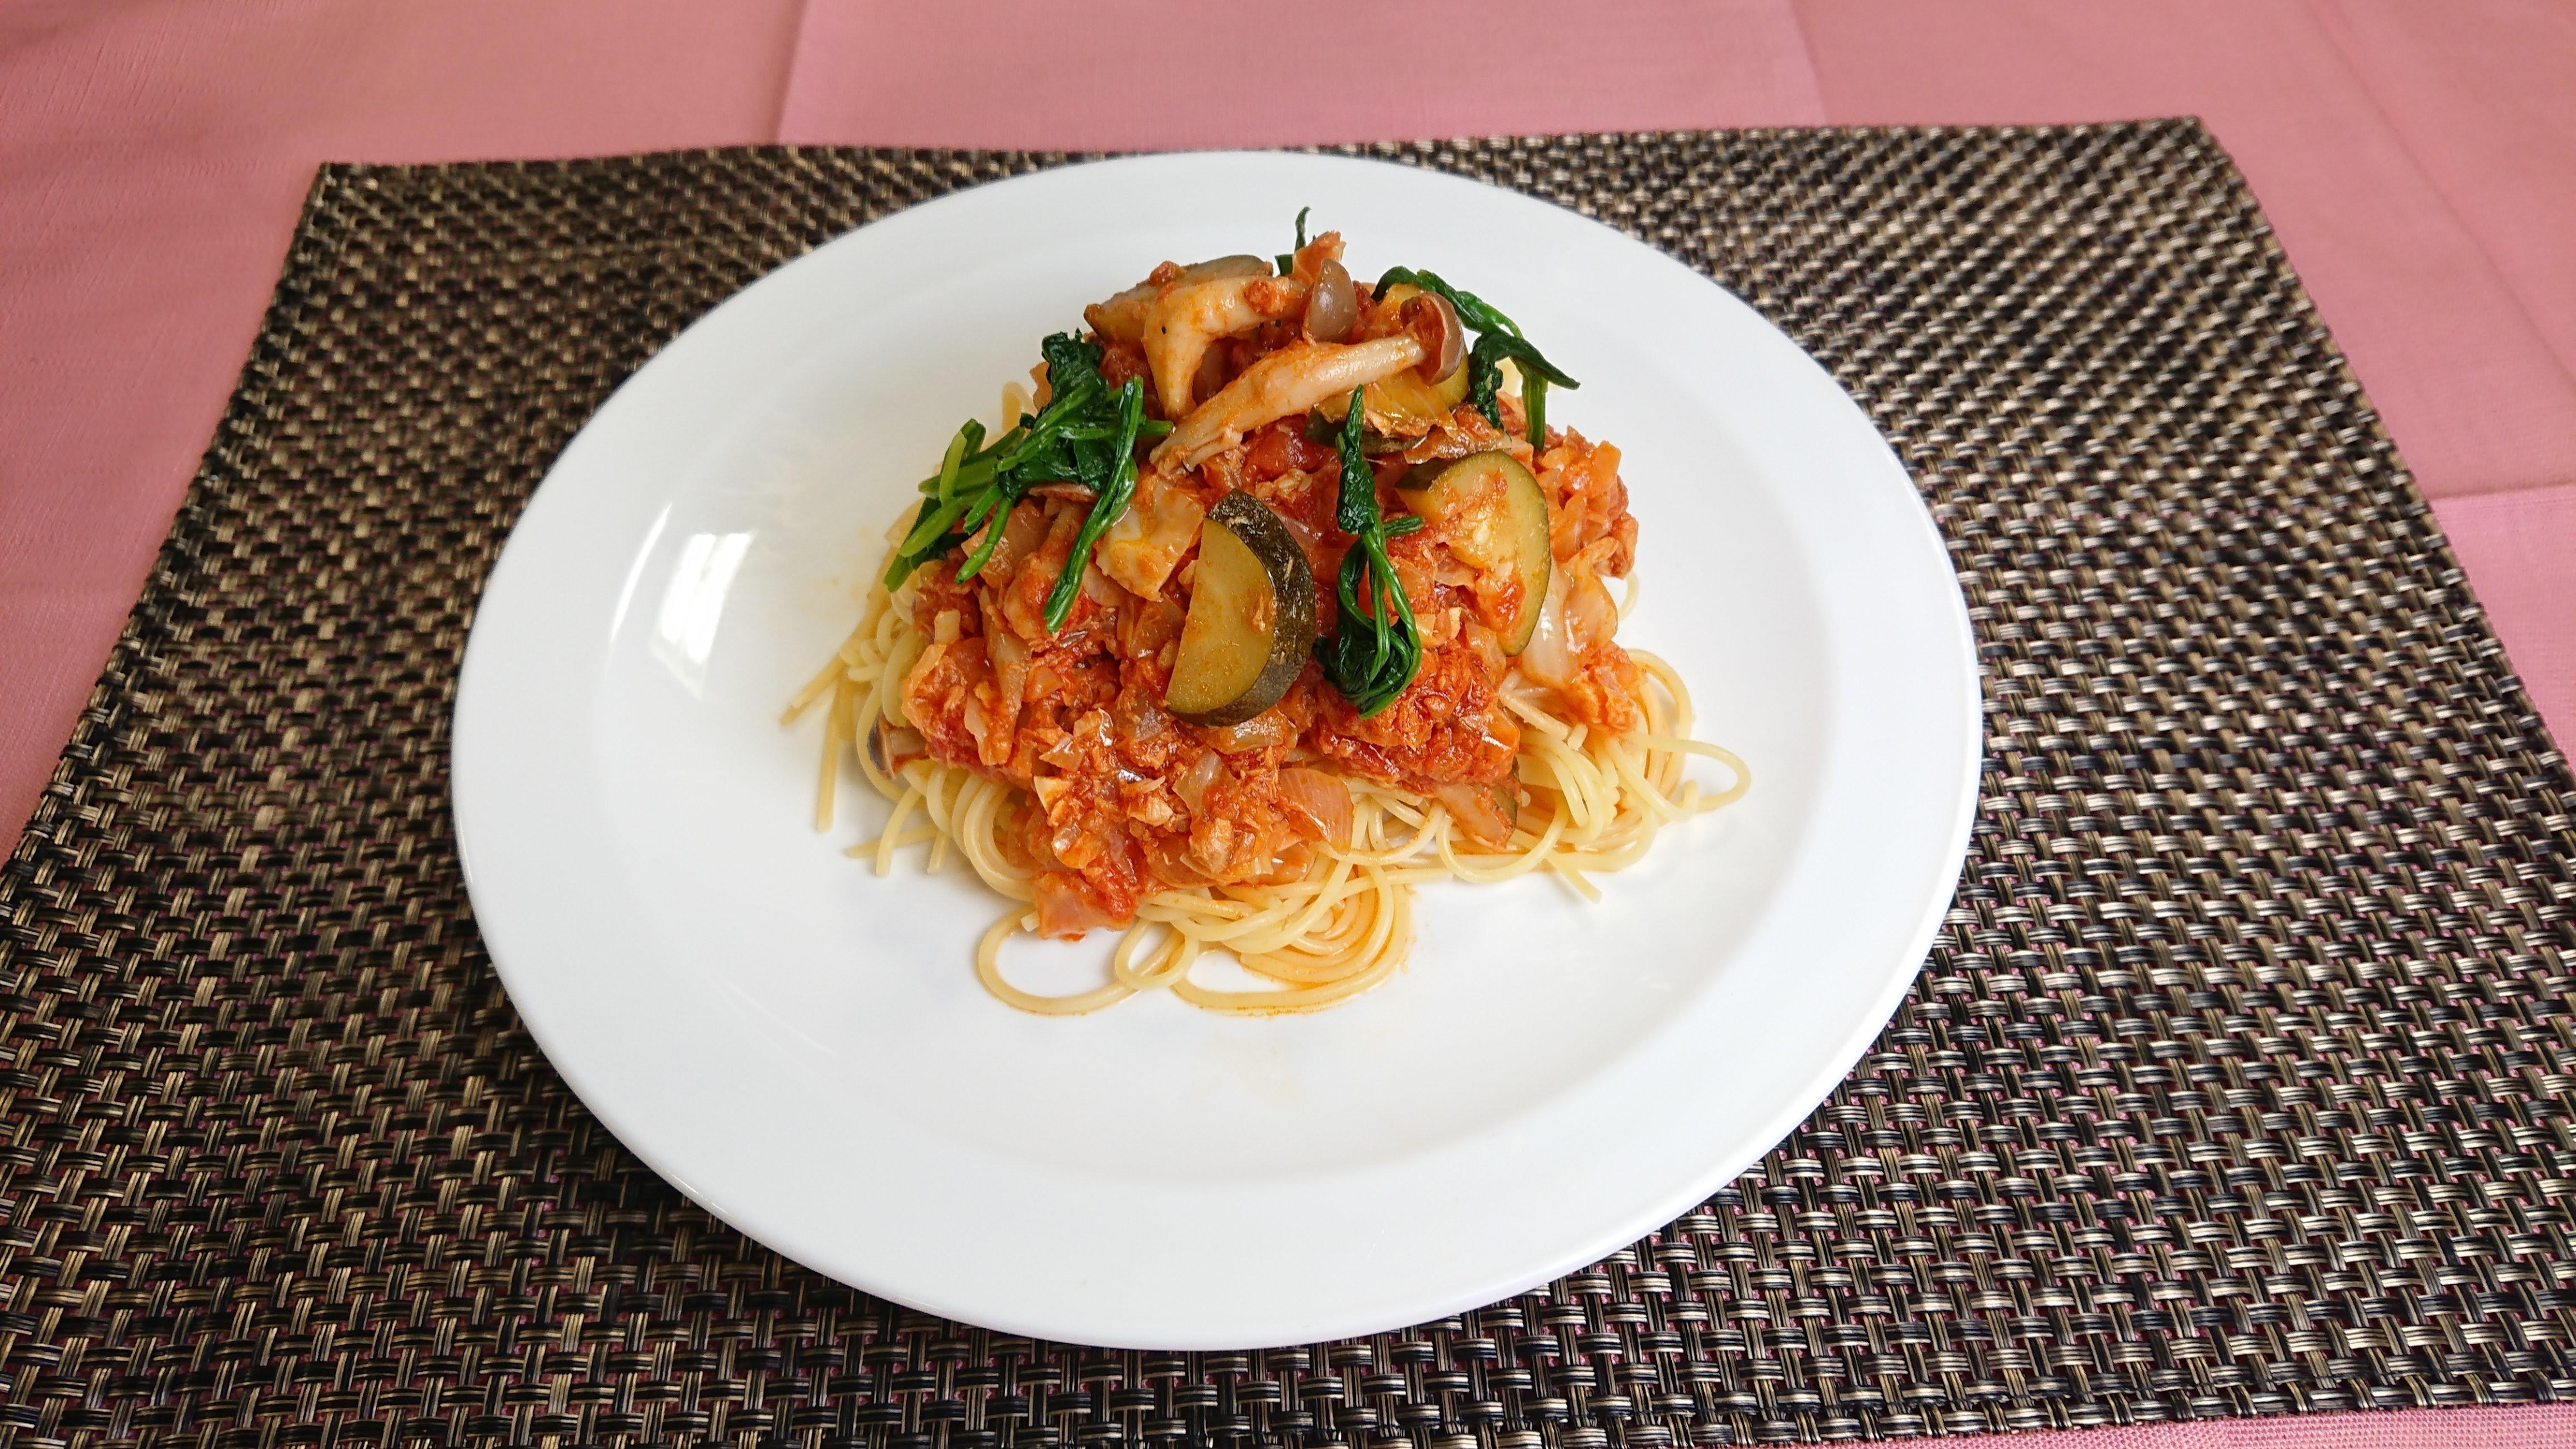 川村学園女子大学 生活文化学科と我孫子市健康づくり支援課がコラボ いつもの料理に+100gの野菜レシピが完成!